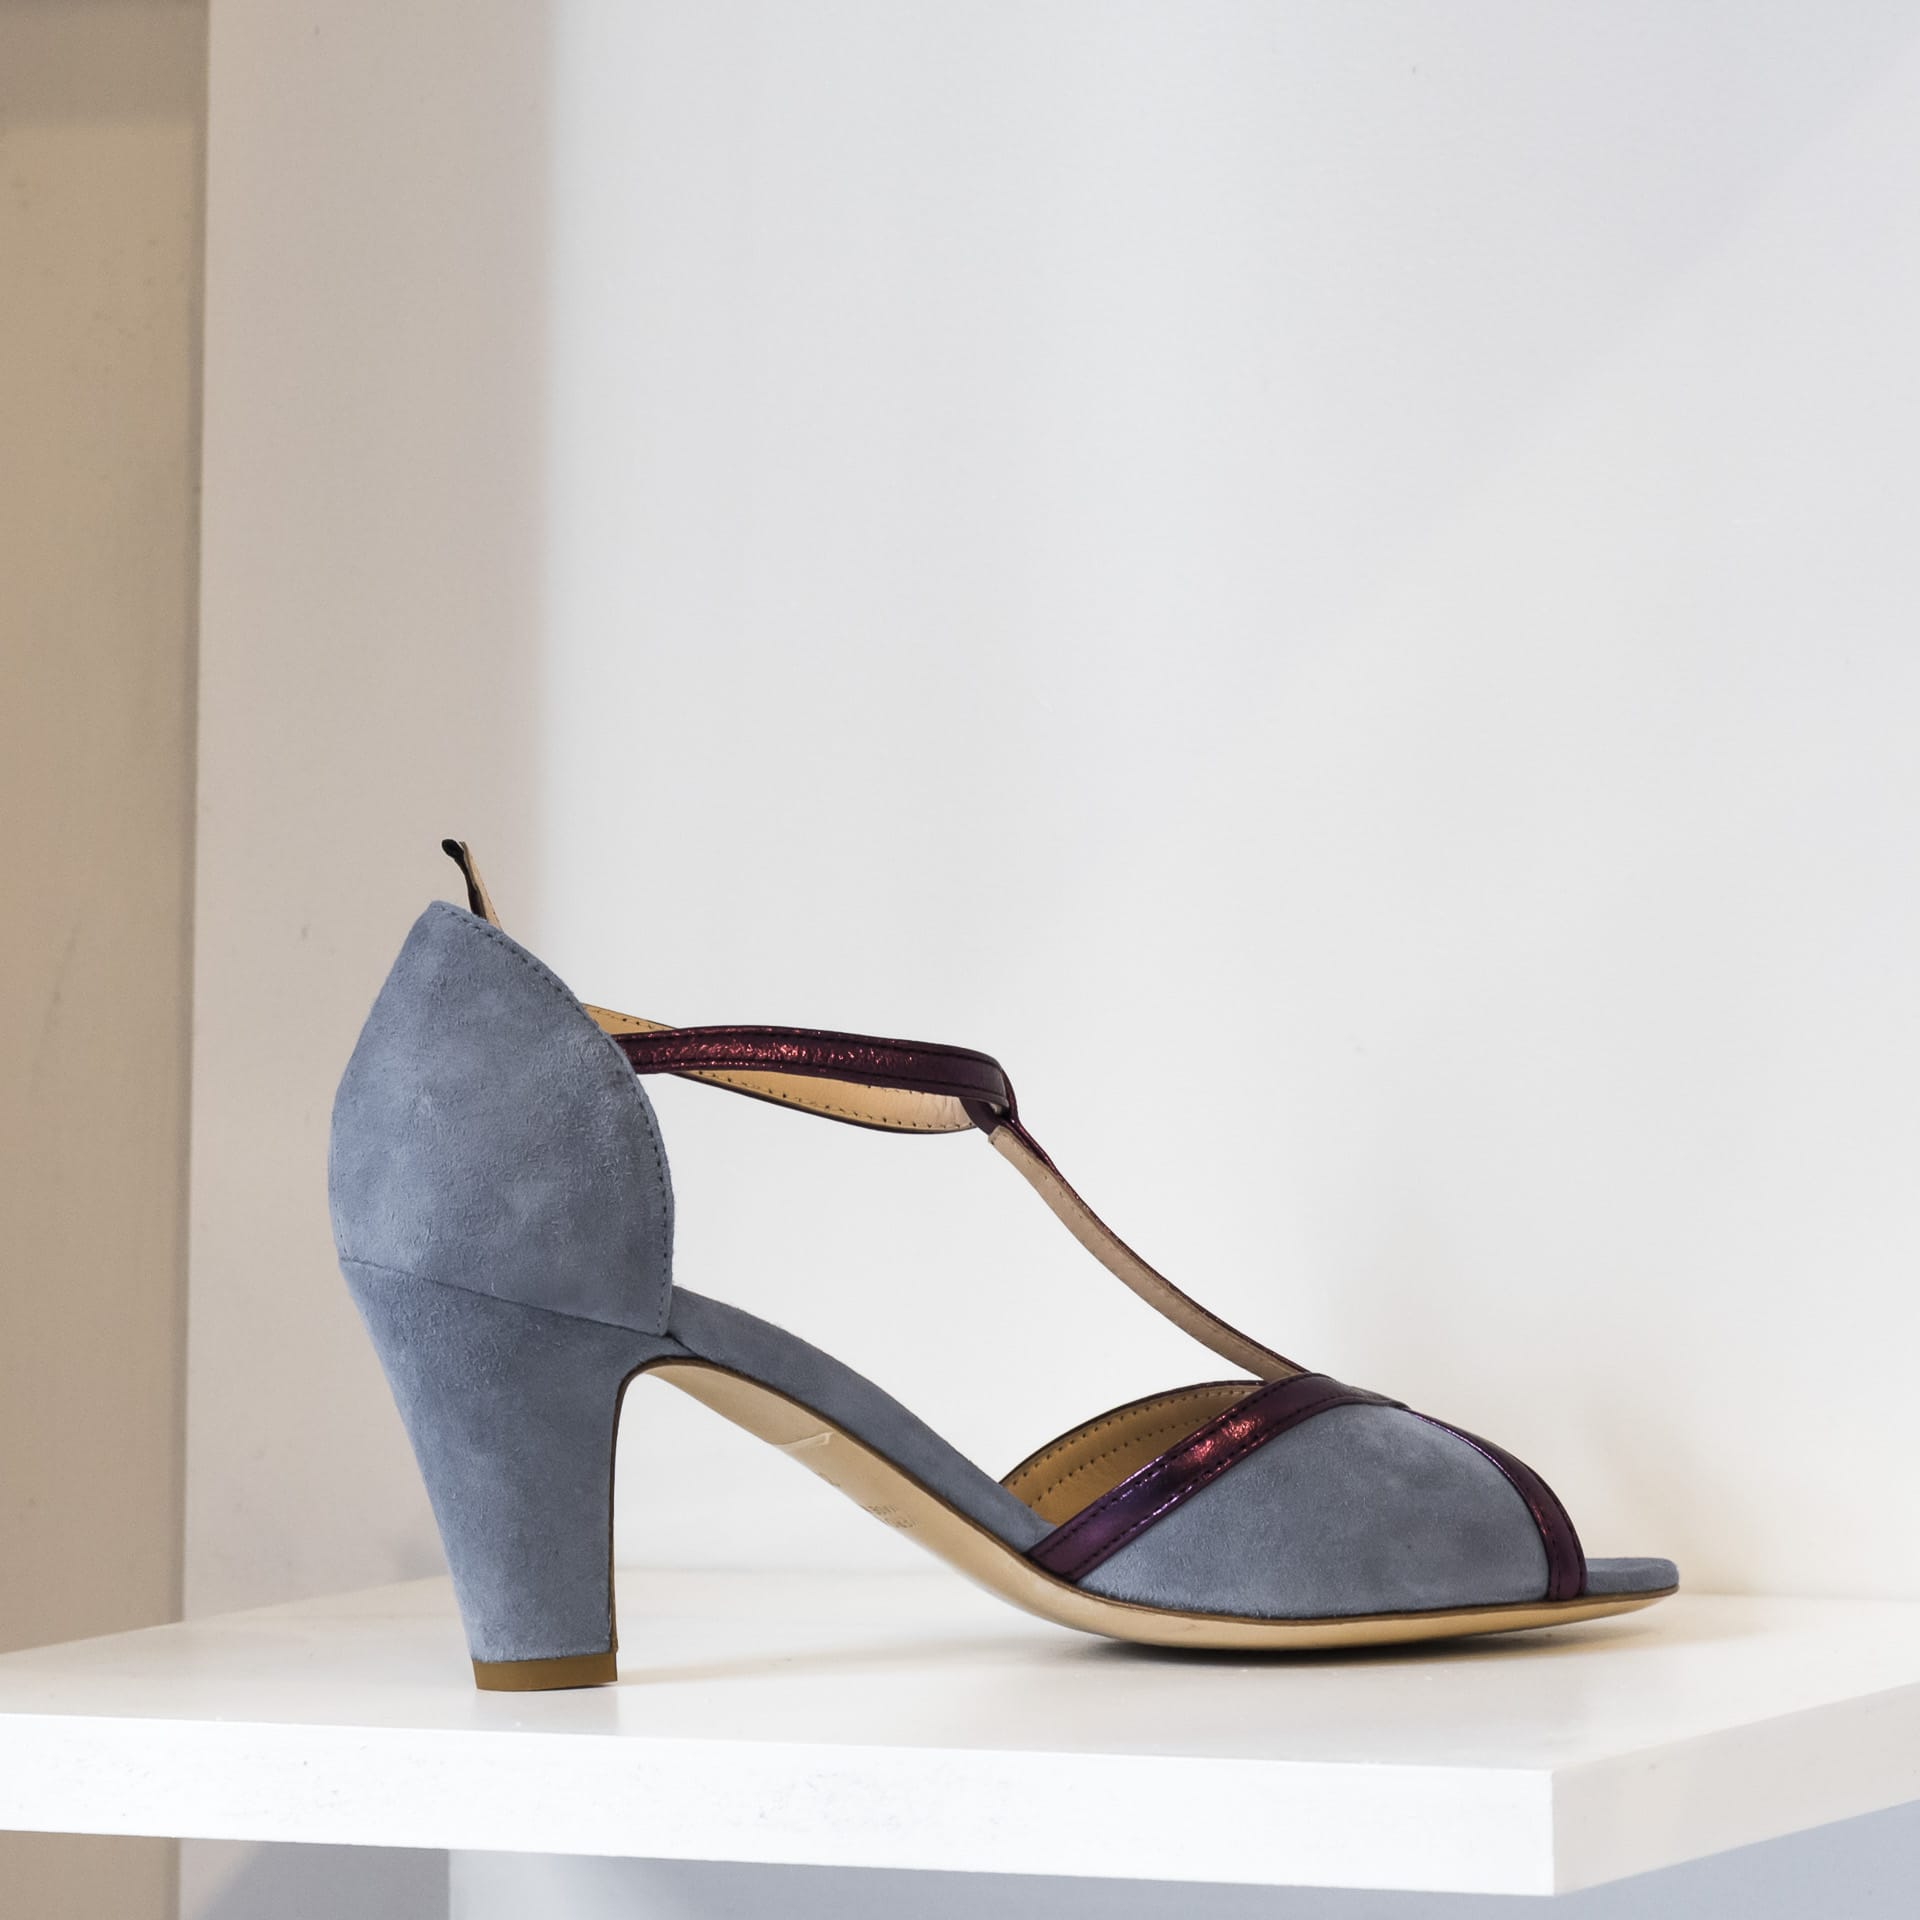 La Belle Shoes sandalo tango (2)